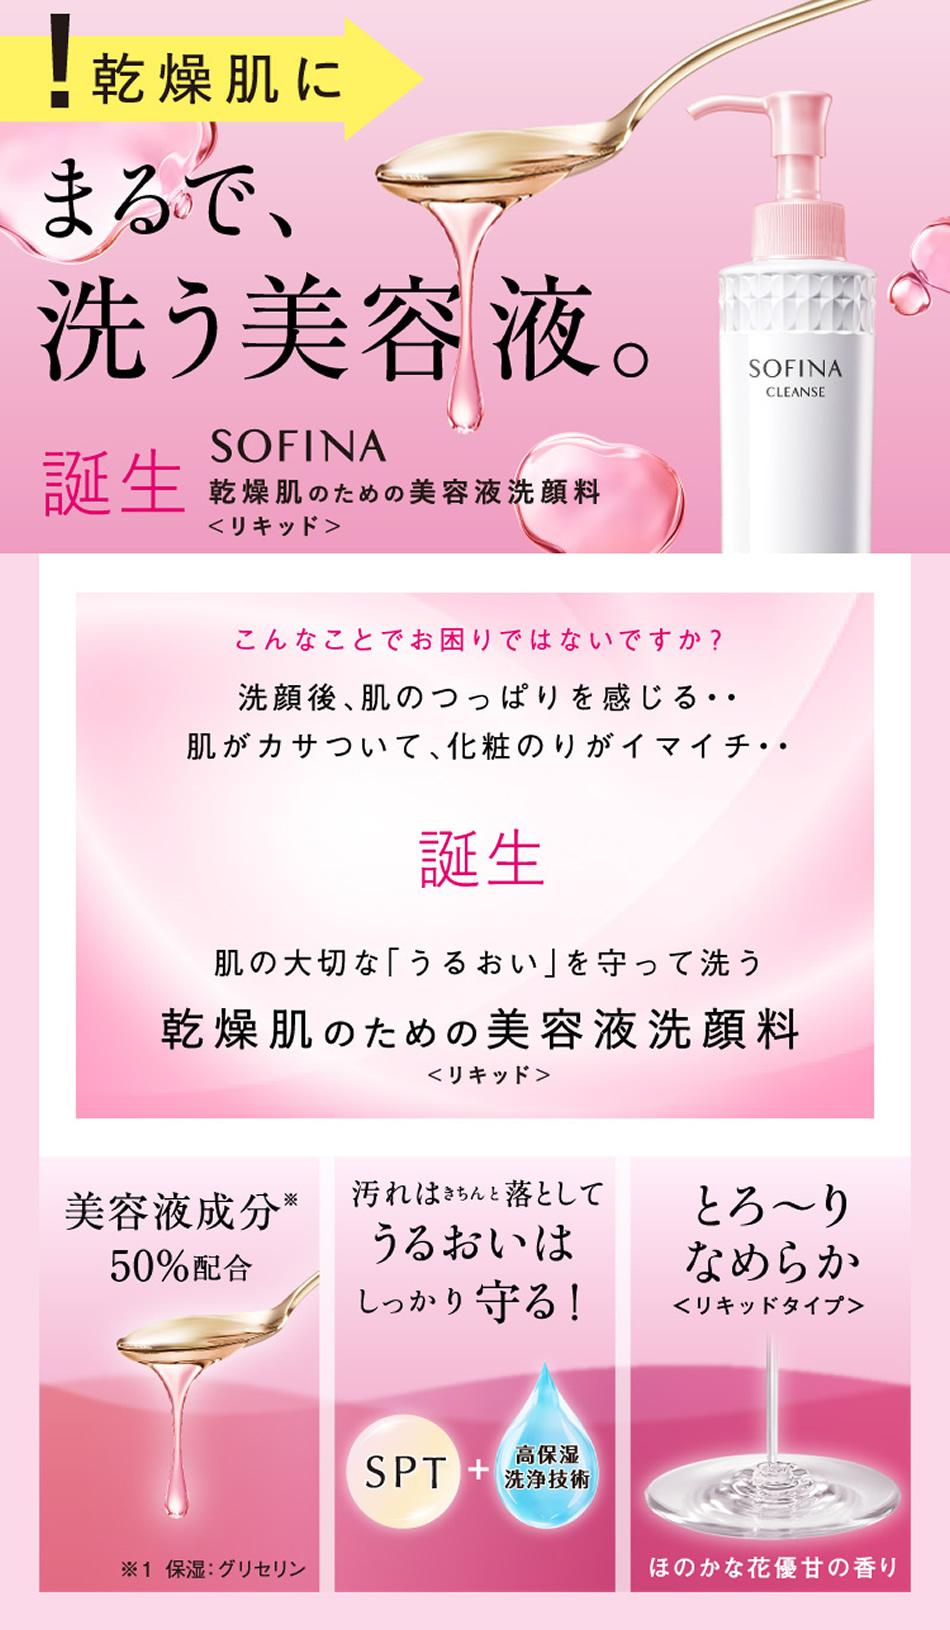 ソフィーナ 乾燥肌に まるで、洗う美容液 乾燥肌のための美容液洗顔料